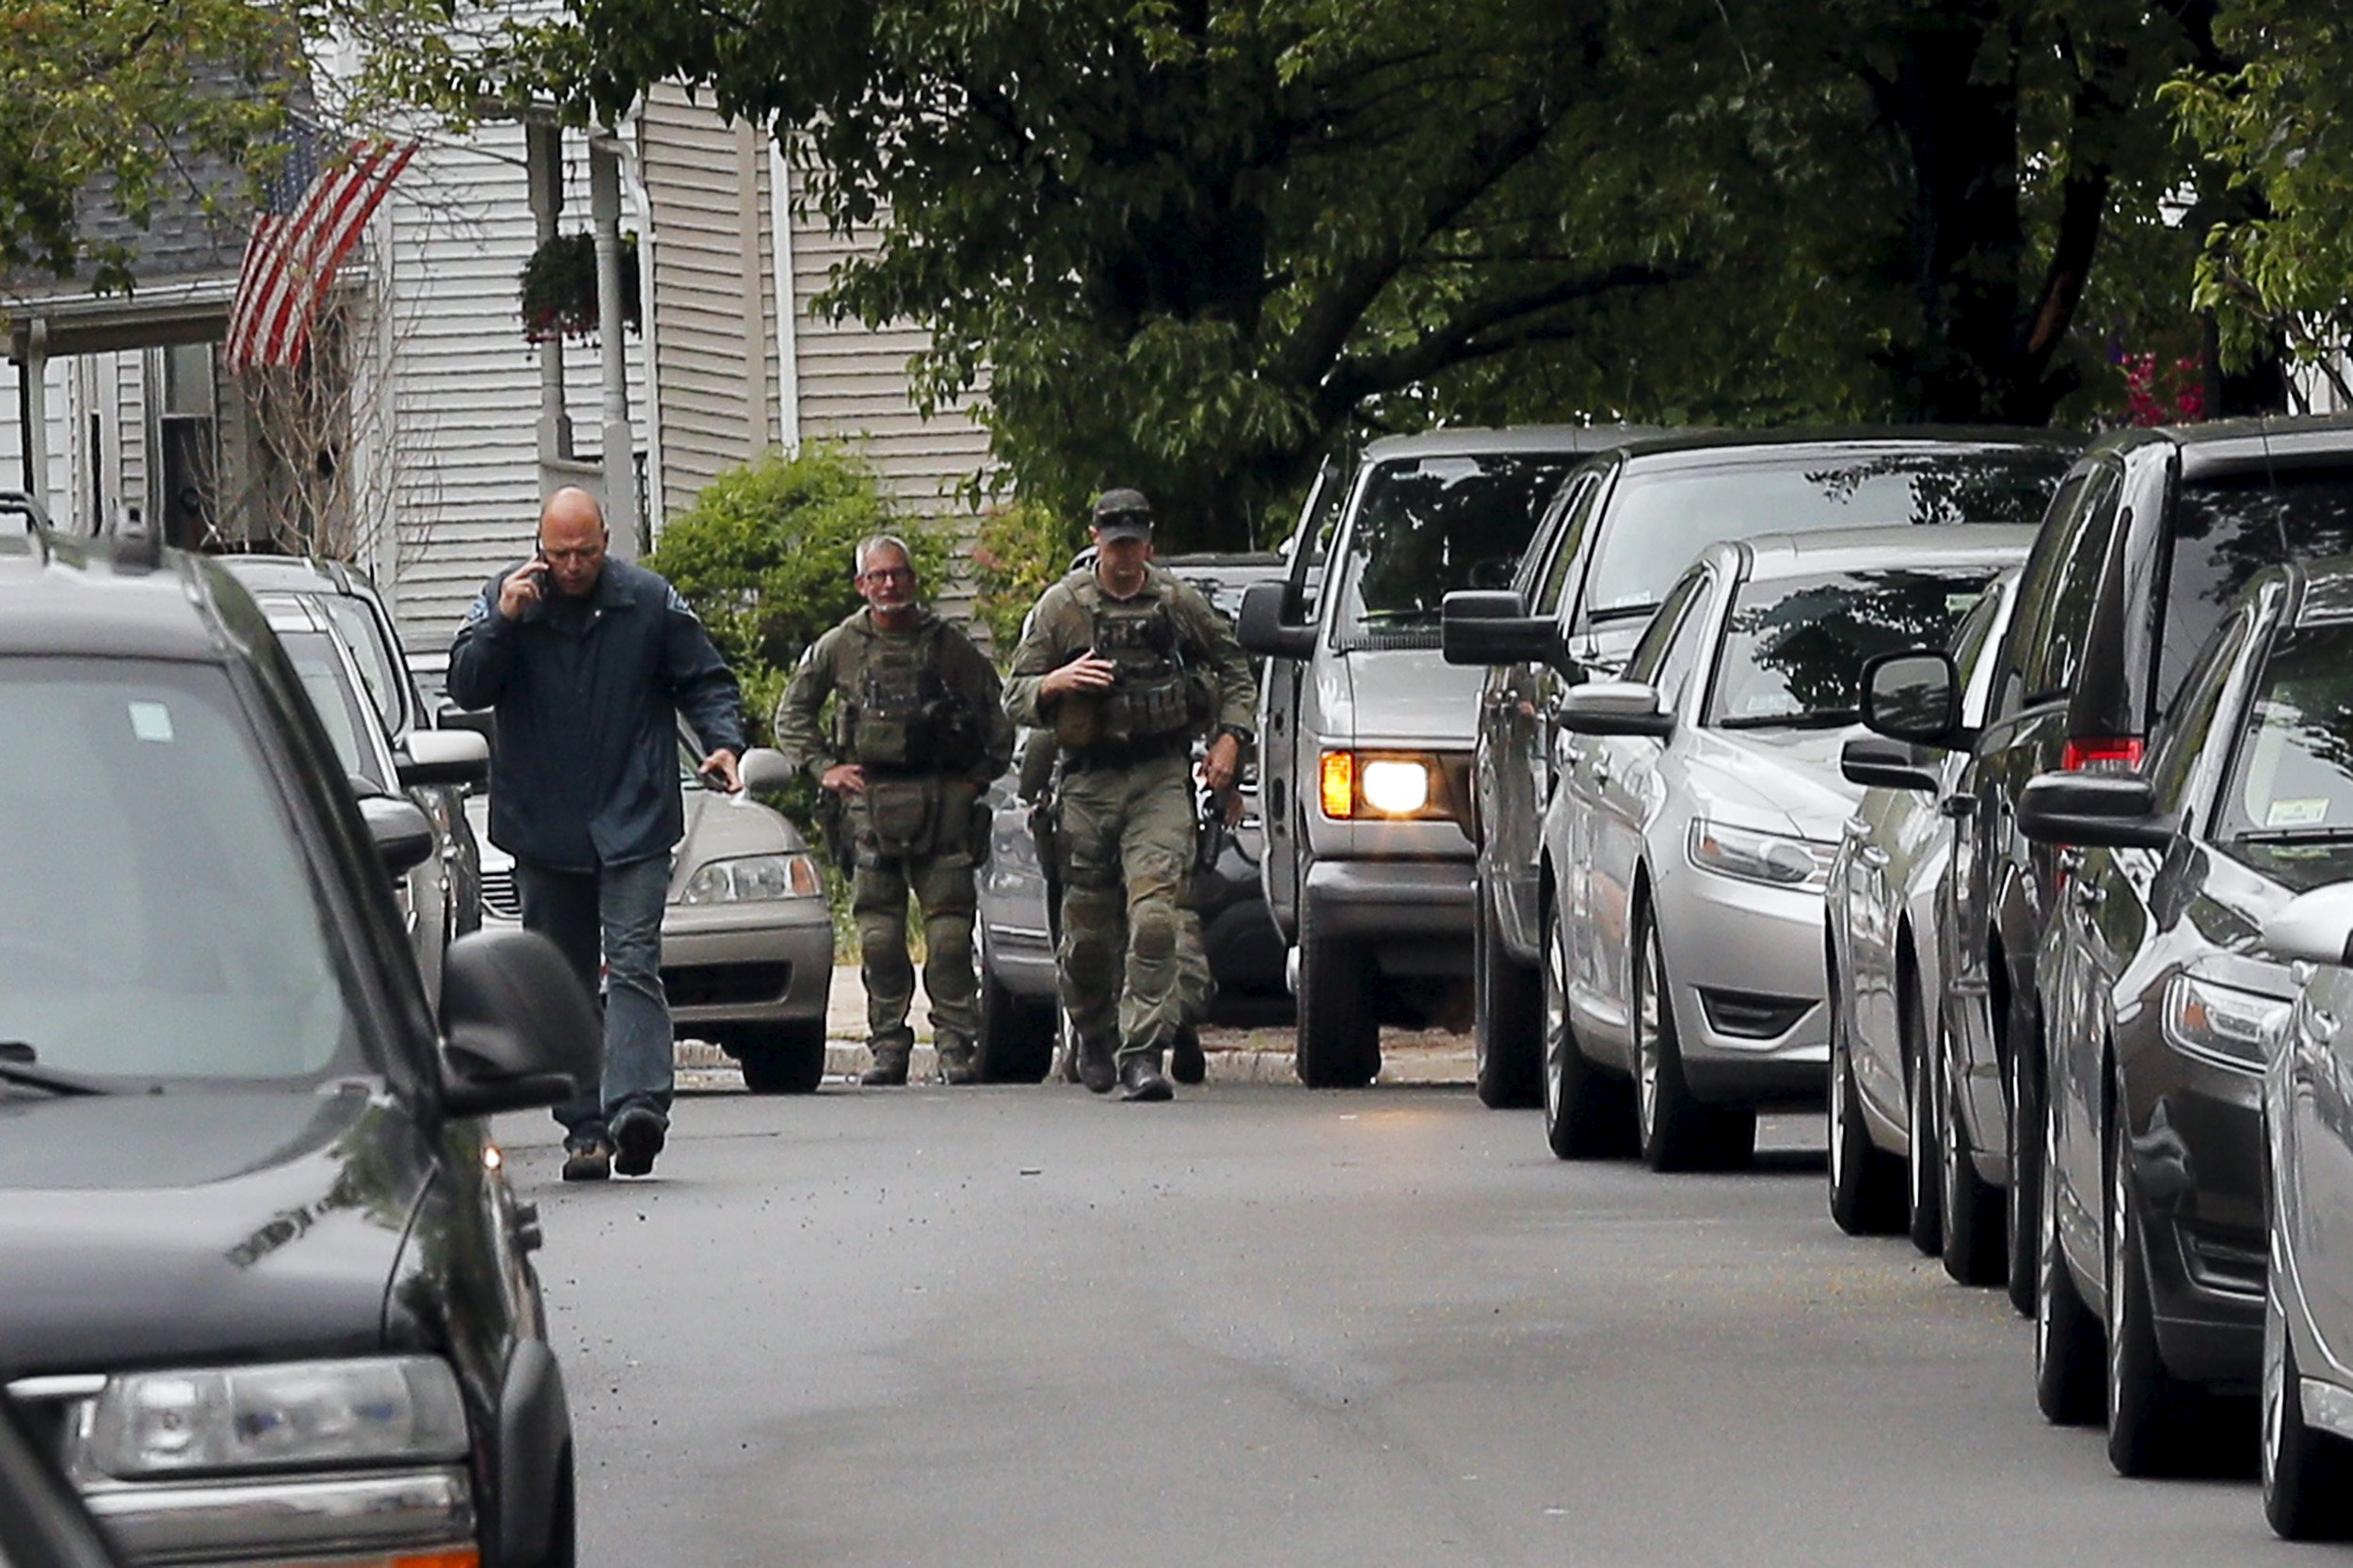 Boston man shot by police was under surveillance